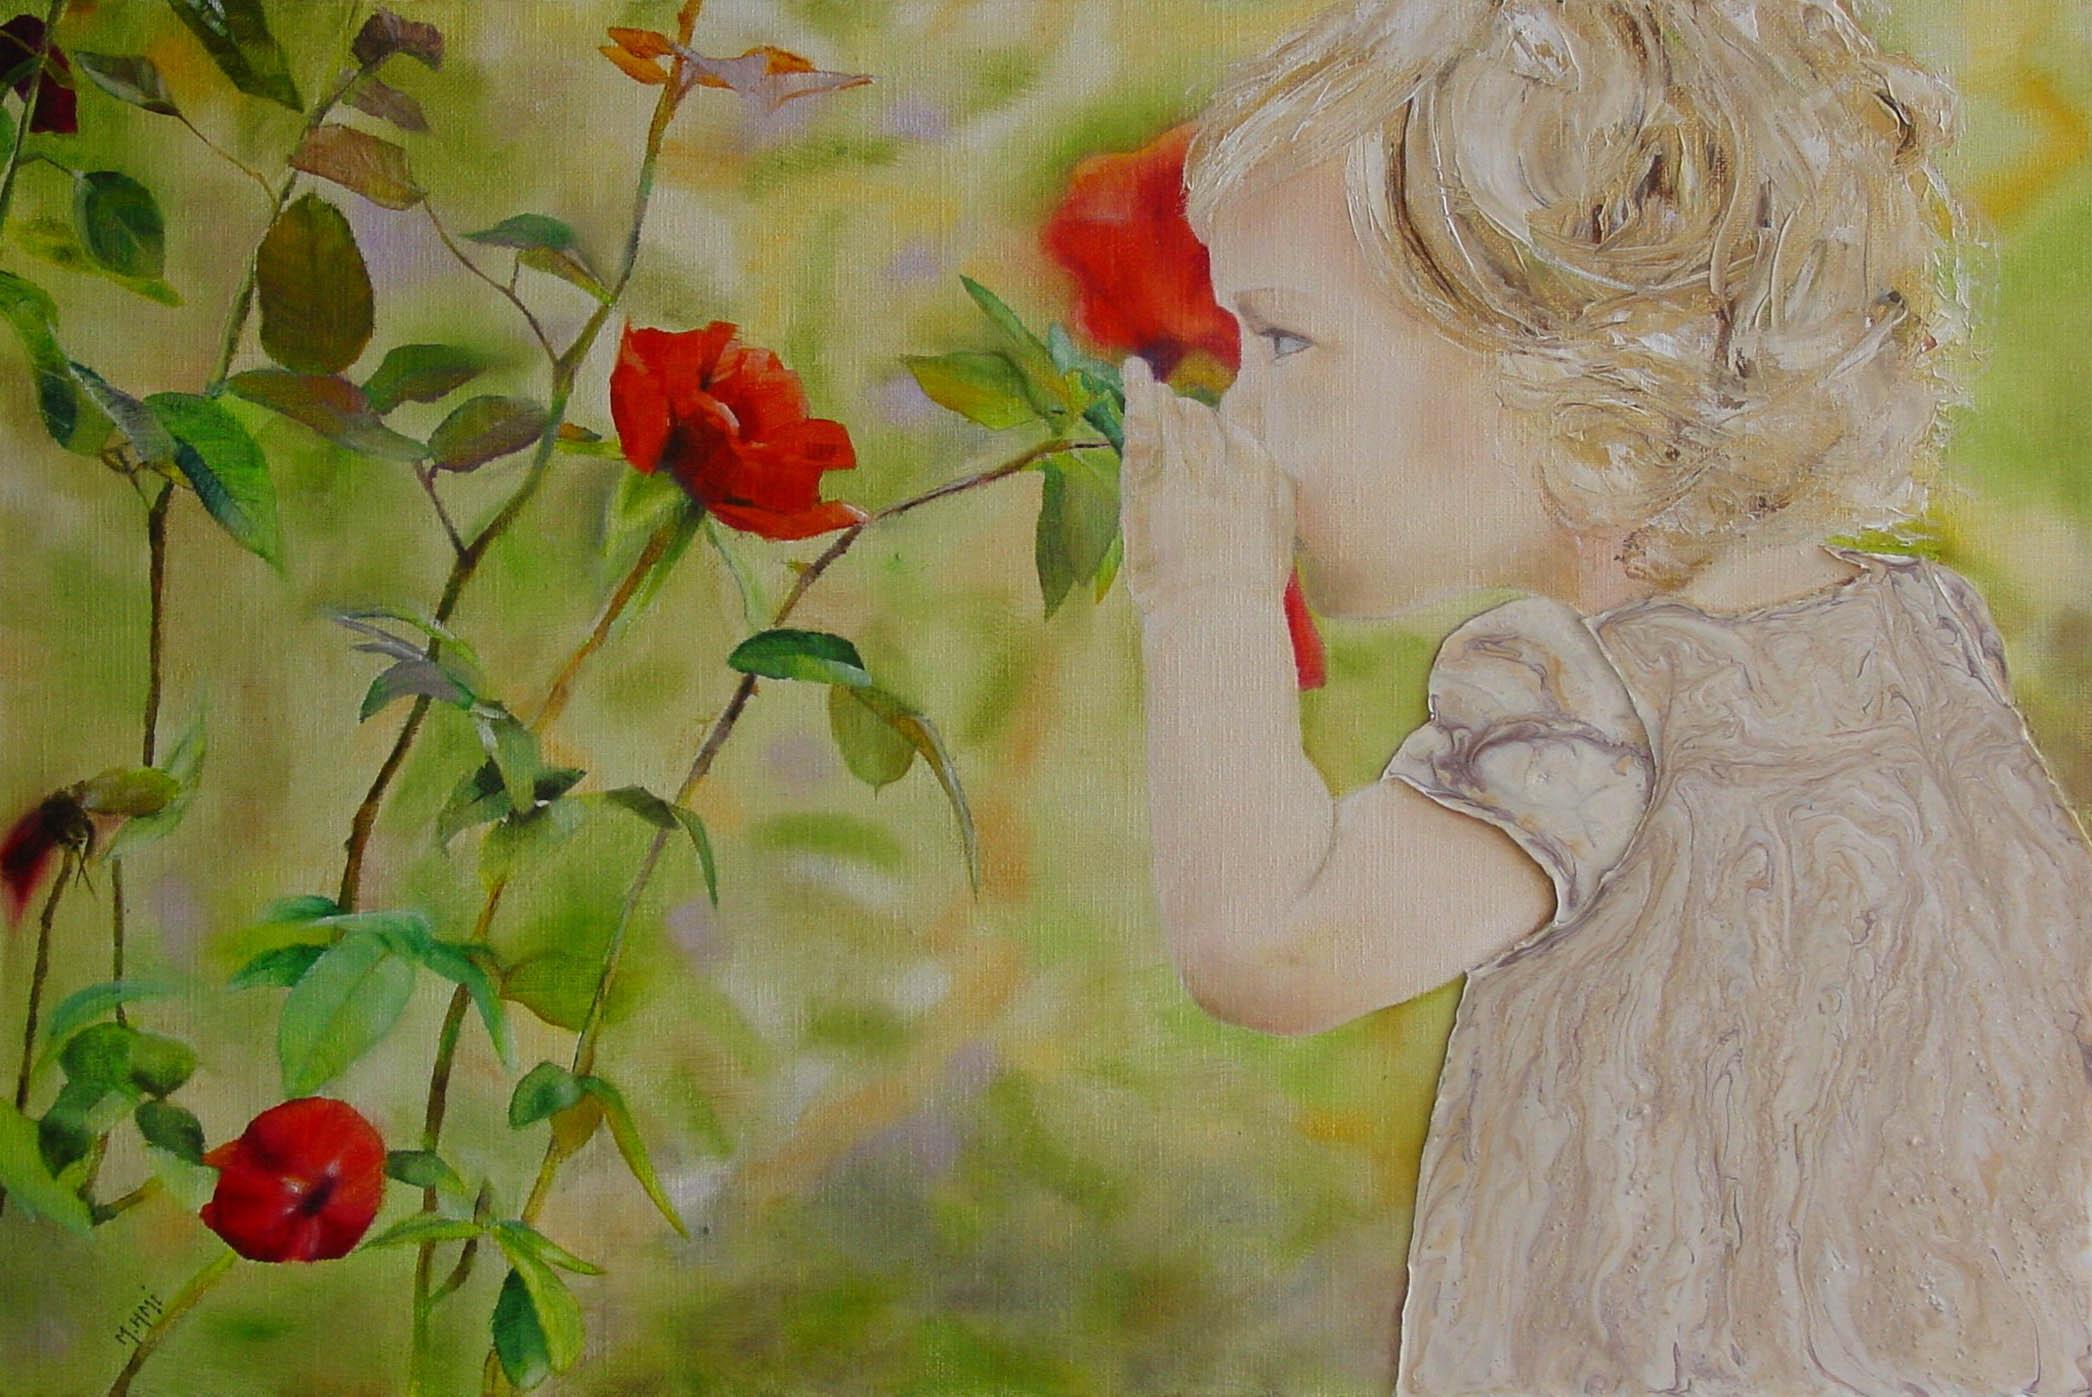 La vie en rose - Peinture à l'huile, aux couteaux et à la résine